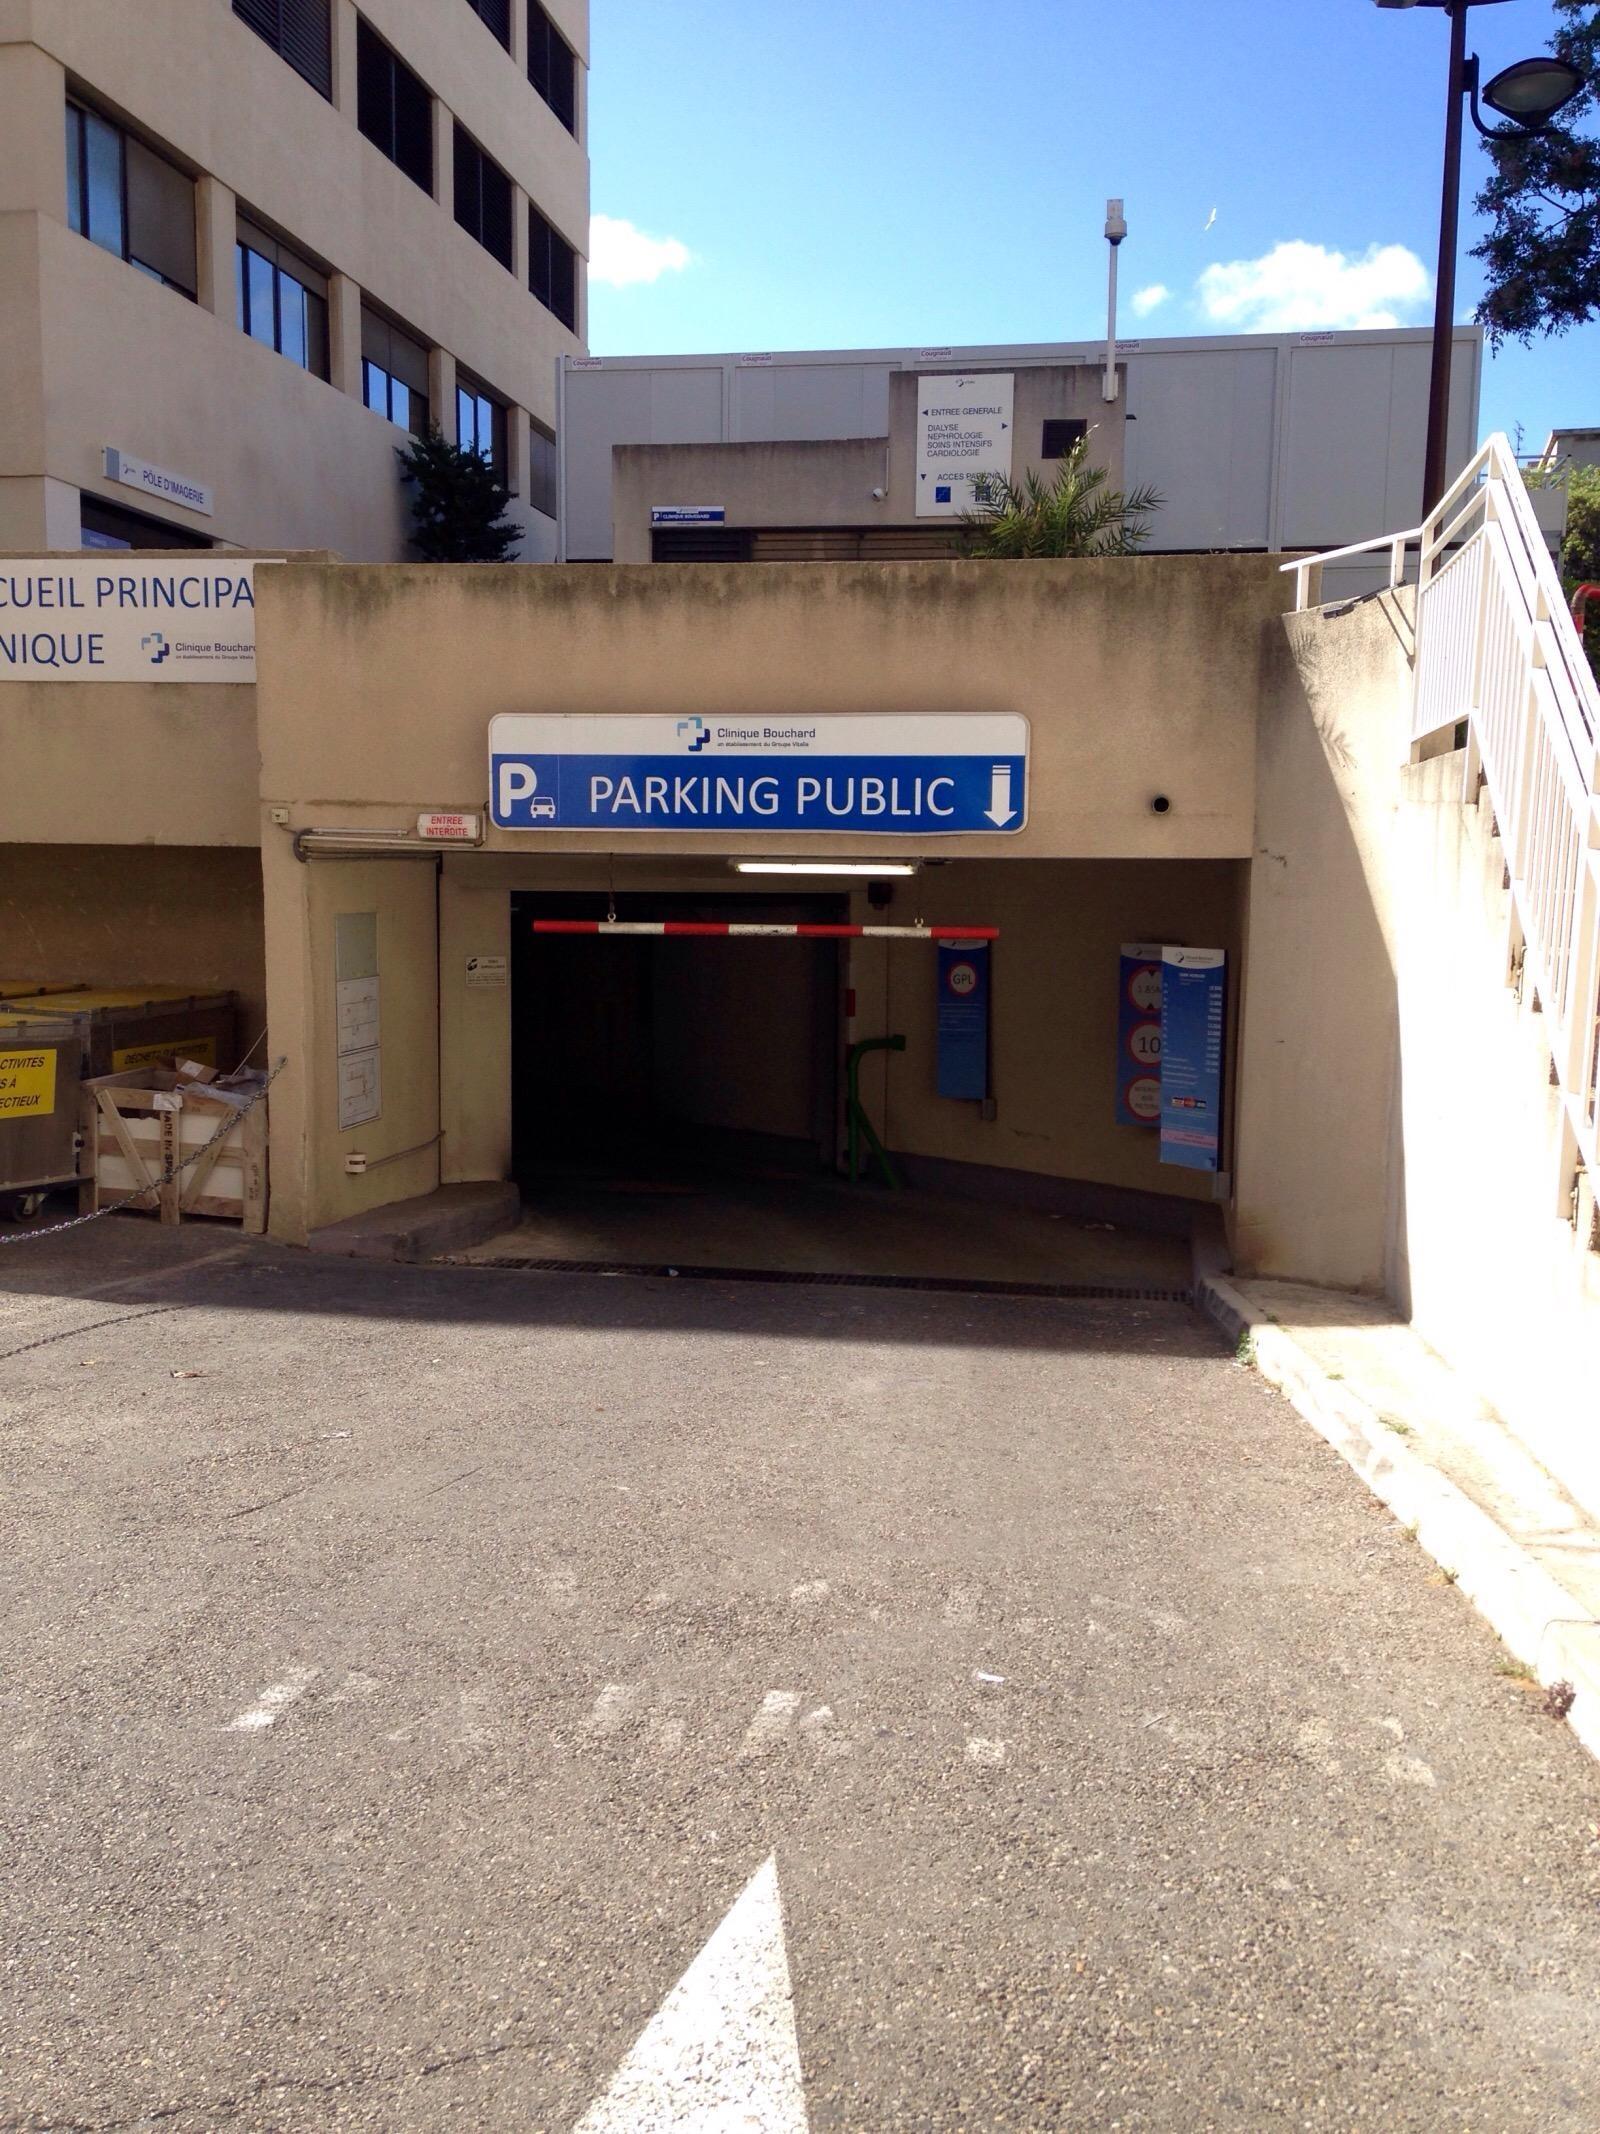 Elsan clinique bouchard parking in marseille parkme for E parking marseille